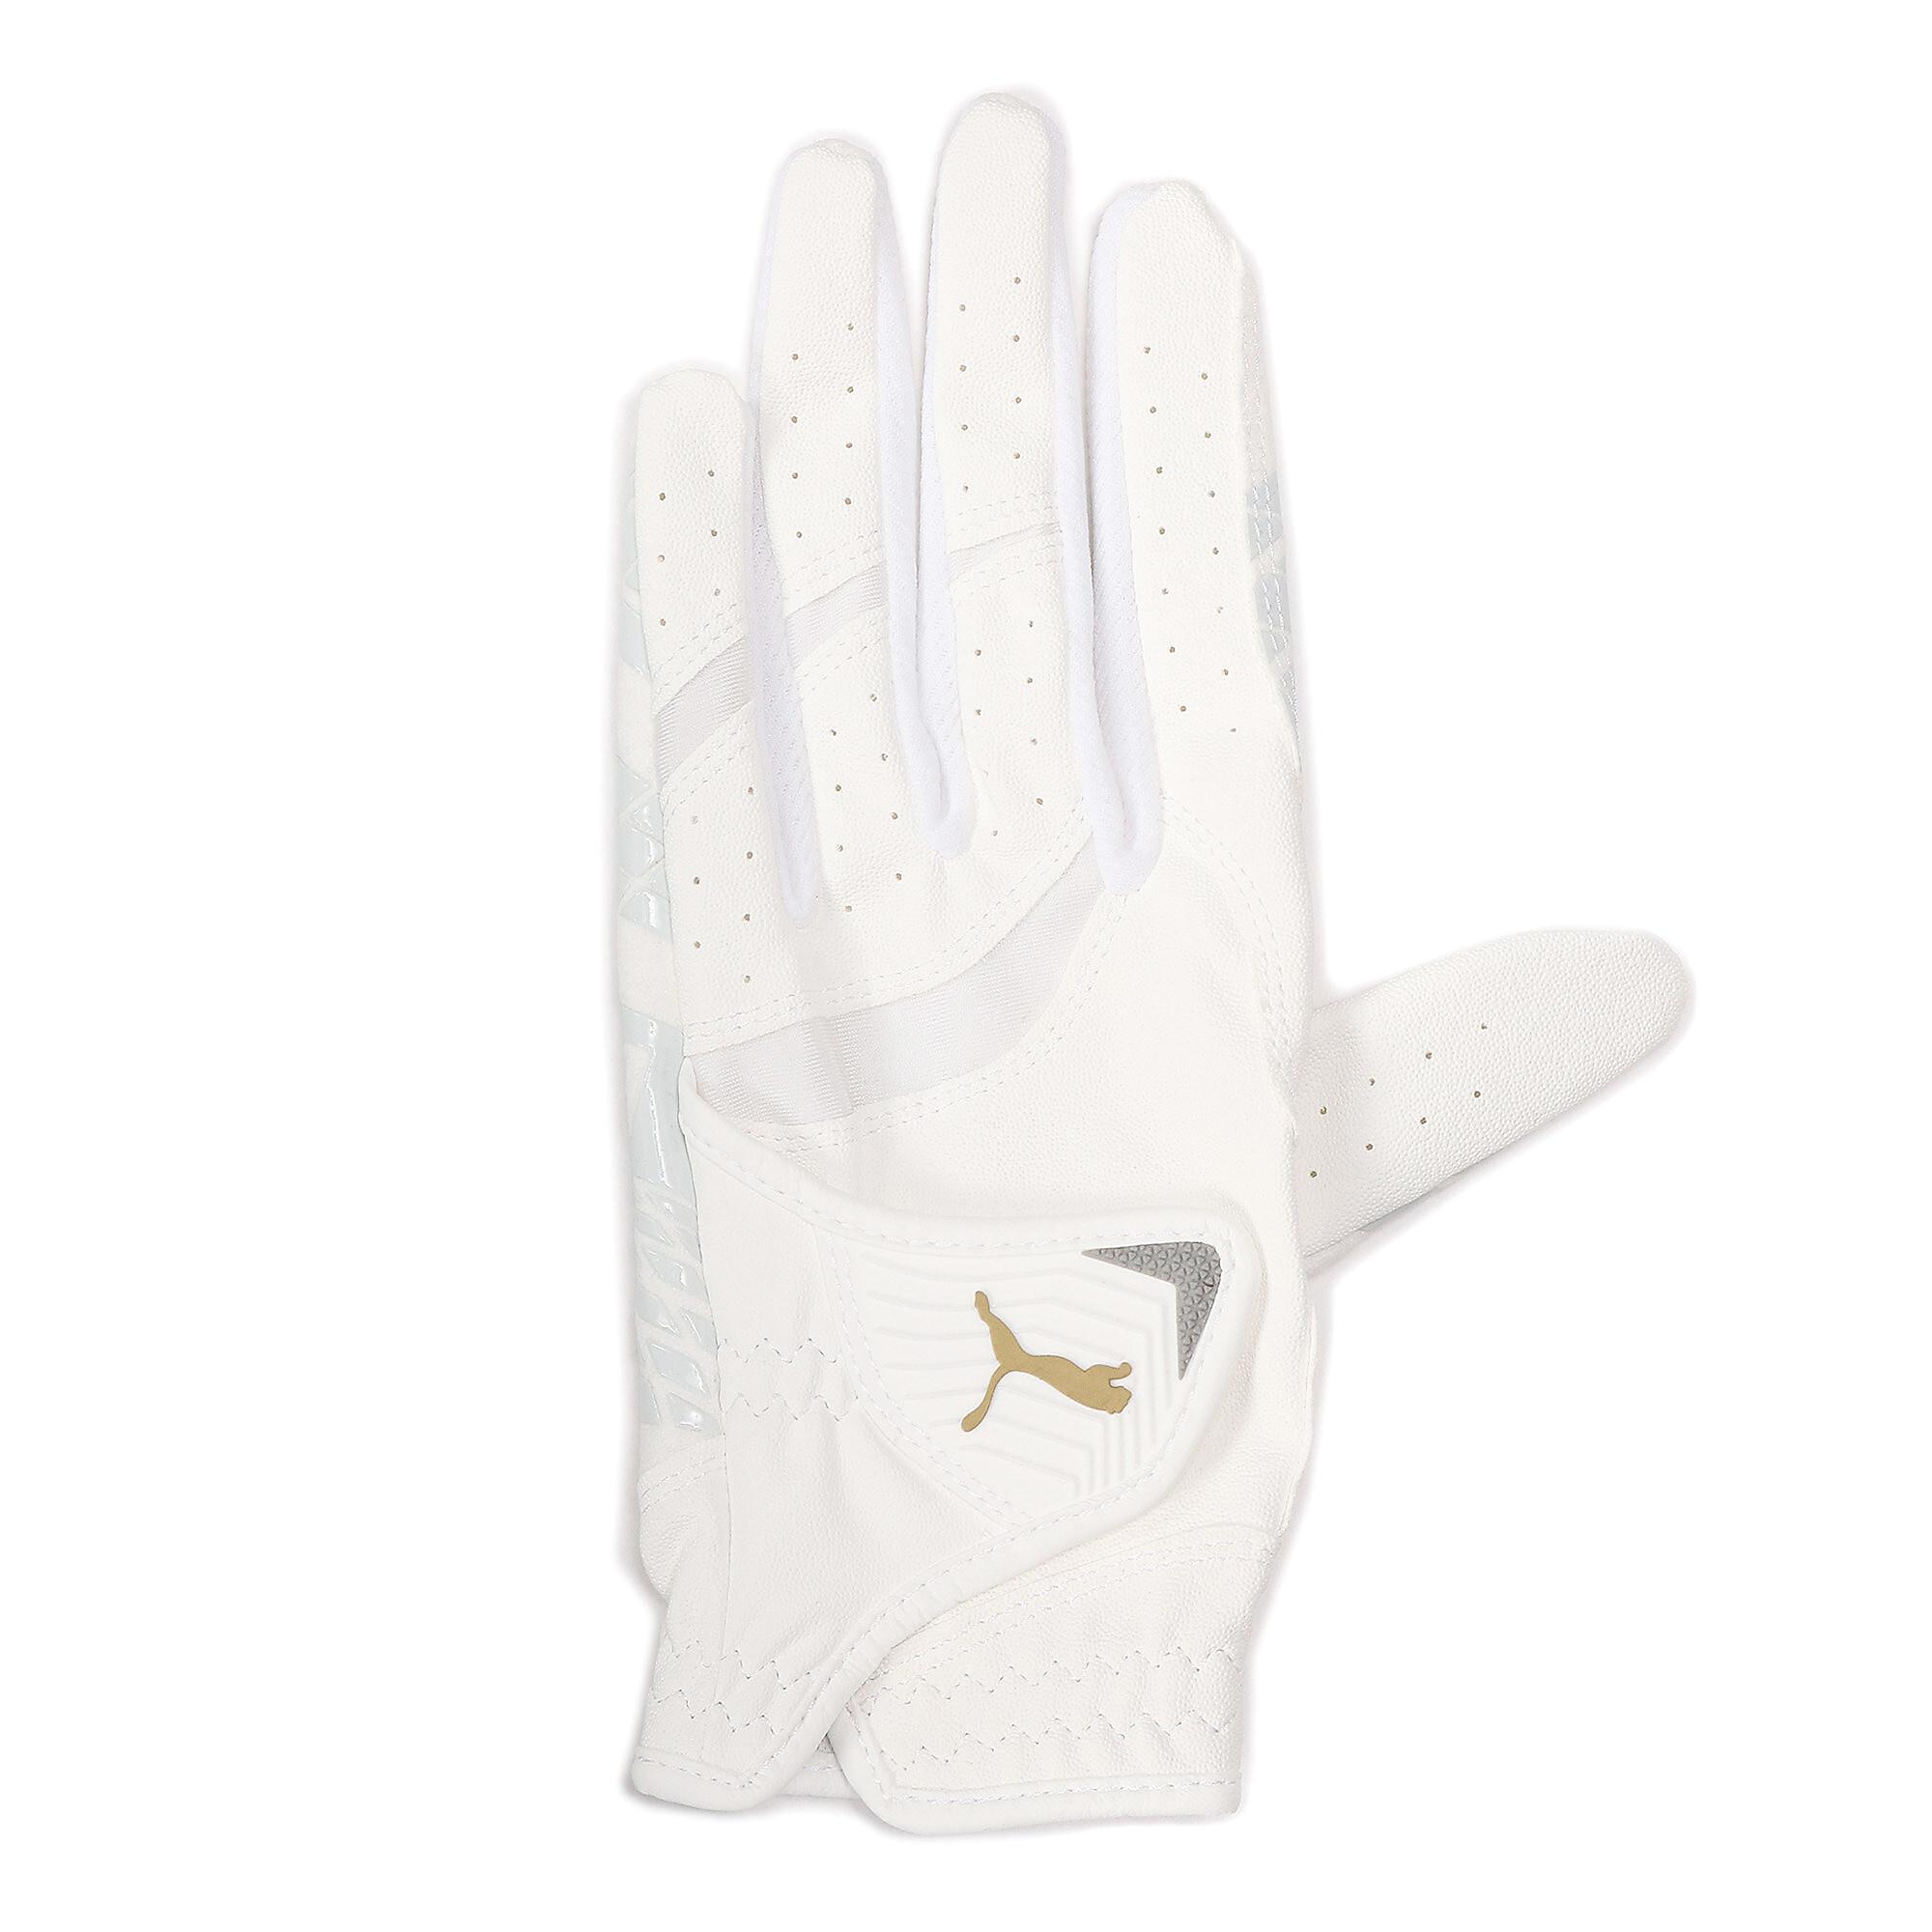 【プーマ公式通販】 プーマ ゴルフ ウィメンズ パウンスグリップ グローブ 左手用 ウィメンズ BRIGHT WHITE-BRIGHT WHITE |PUMA.com